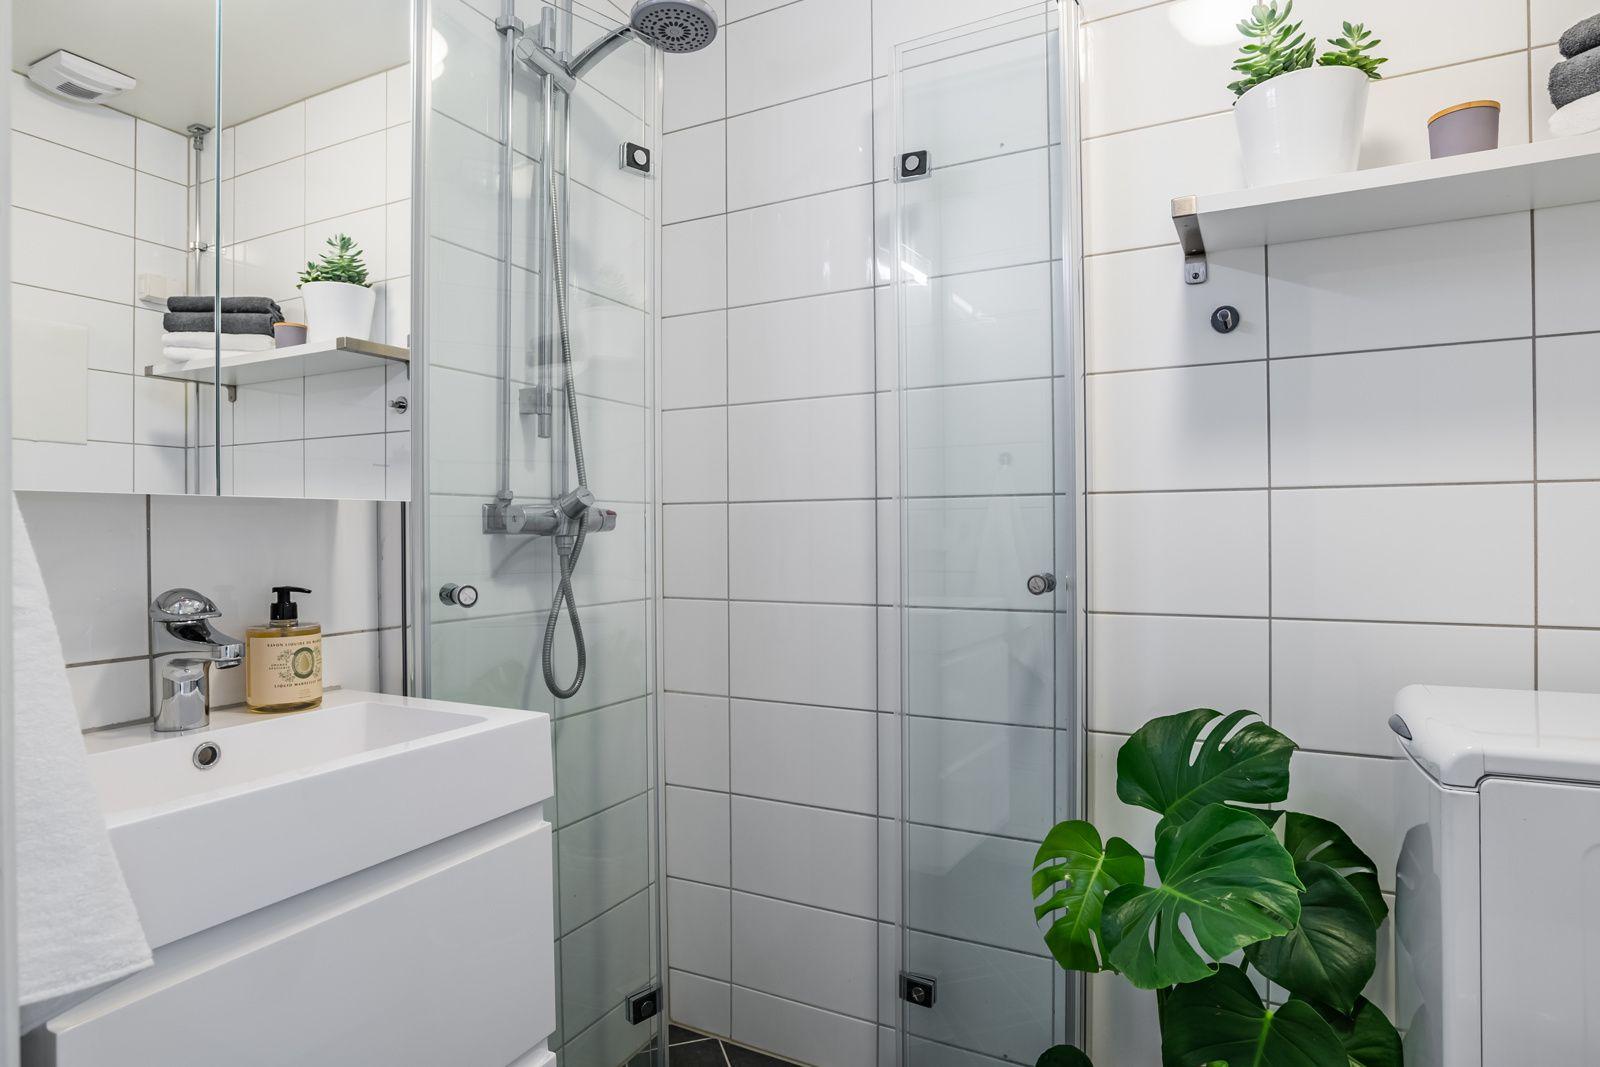 Etterstadsletta 4 I Pent og lyst baderom med opplegg for vaskemaskin